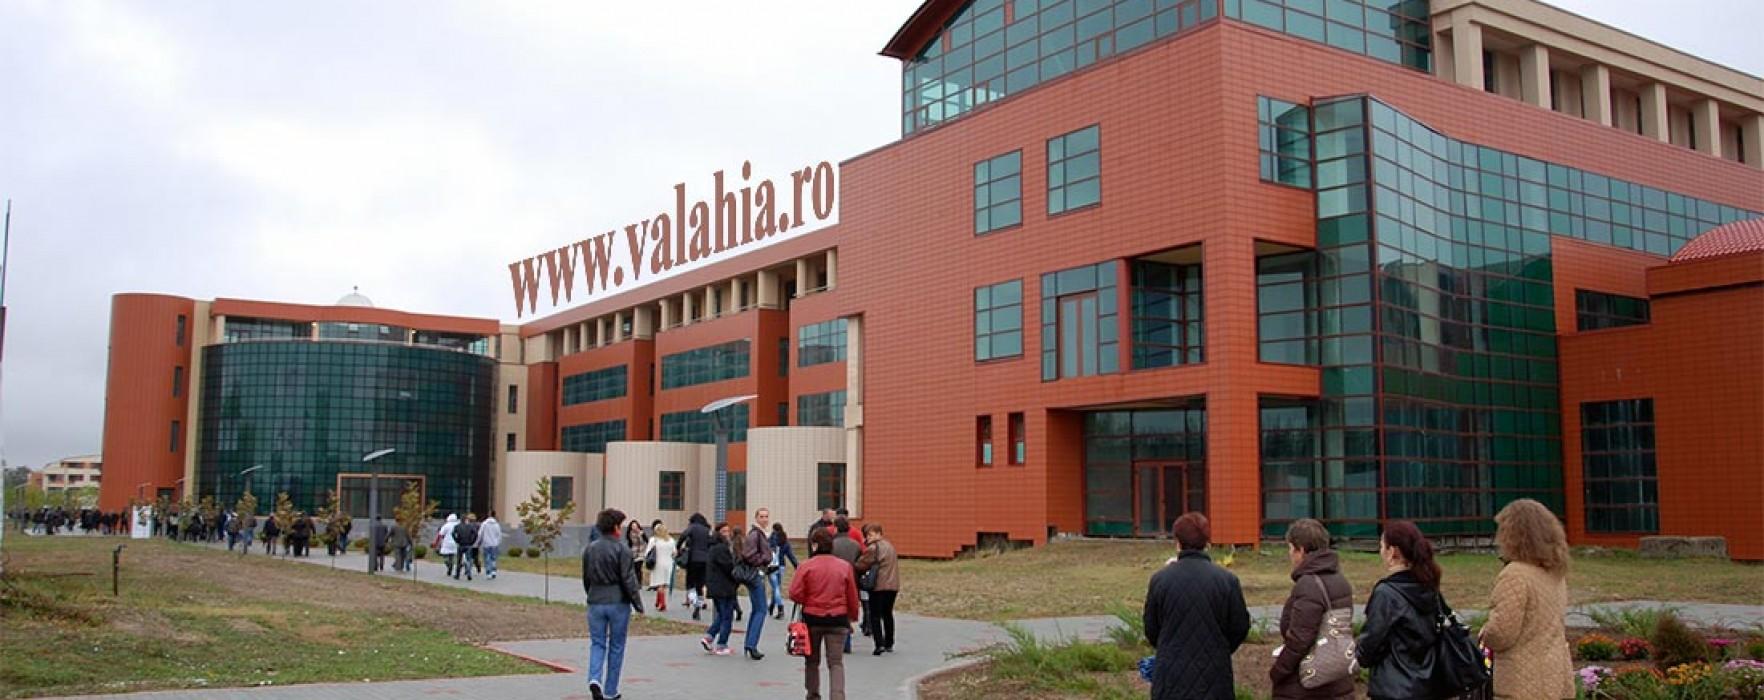 Târgovişte: Deschiderea anului universitar la campus în prezenţa miniştrilor Educaţiei şi Agriculturii